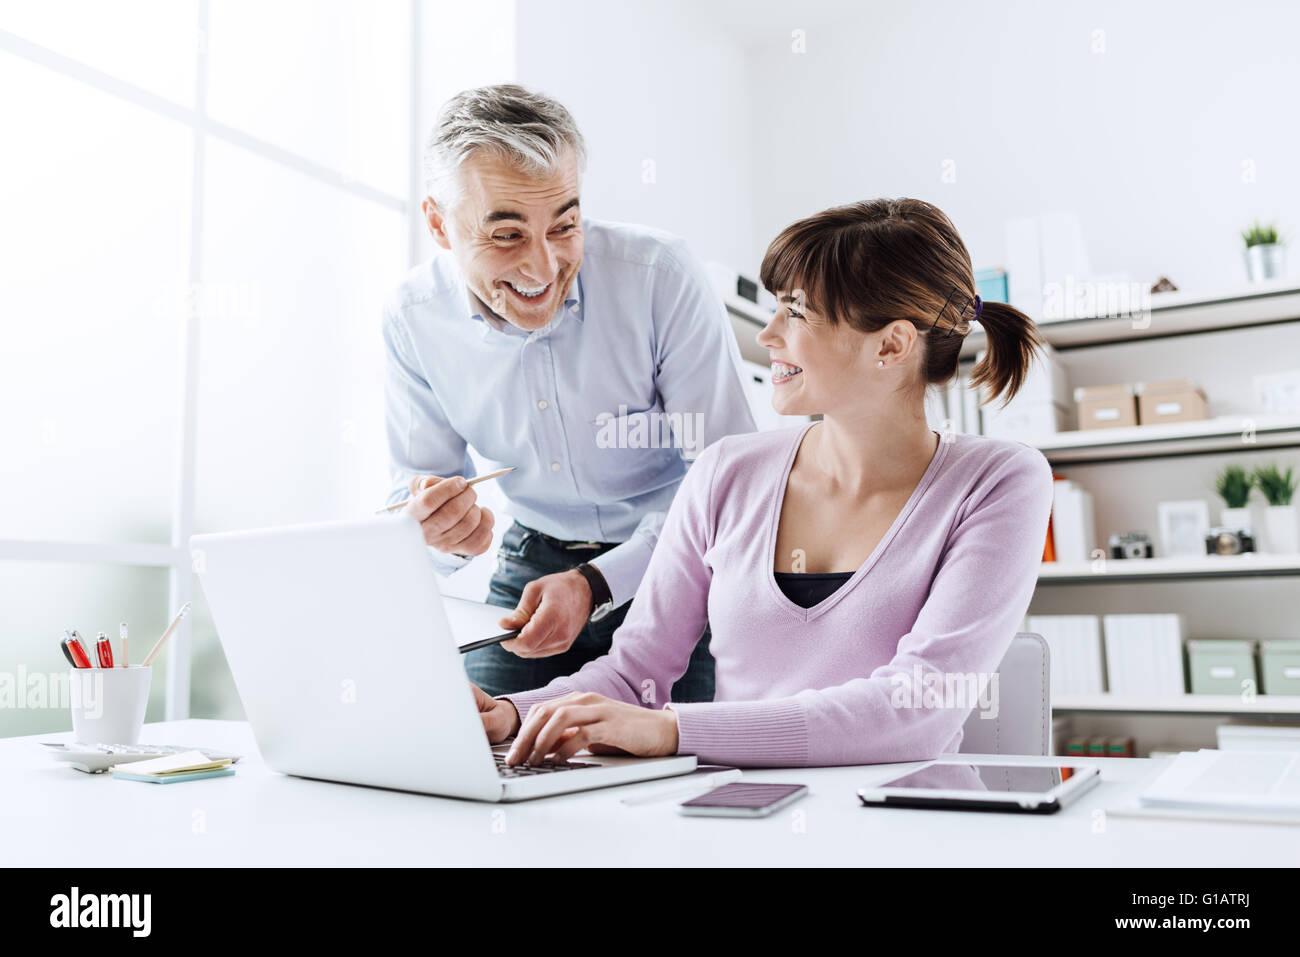 Fröhliche Geschäftsleute im Büro, sie arbeiten zusammen und Lächeln, die Frau ist die Eingabe Stockbild